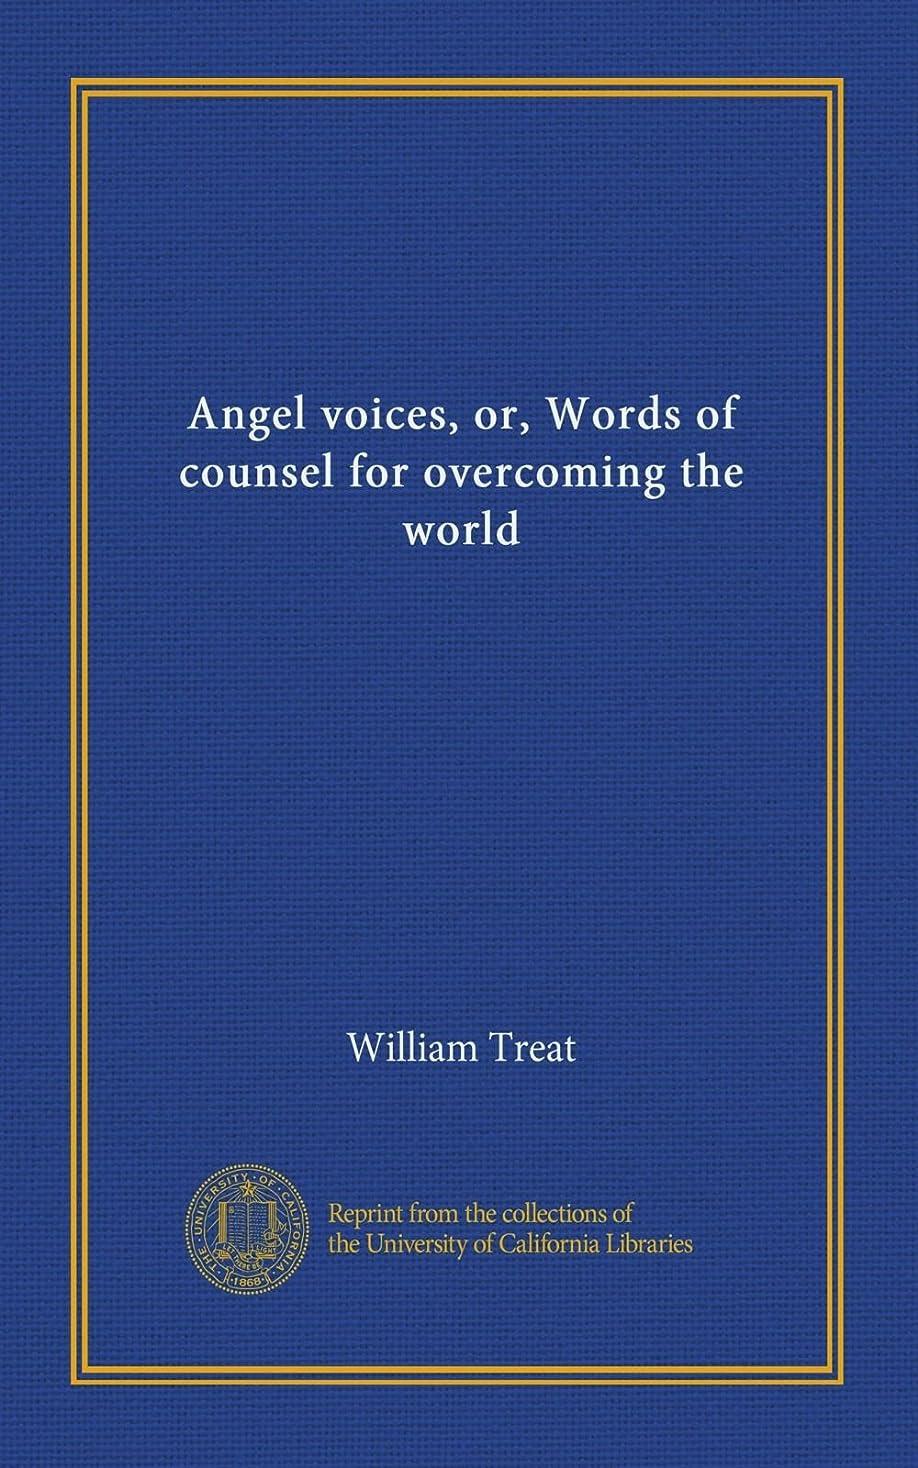 カヌーインストラクターアラームAngel voices, or, Words of counsel for overcoming the world